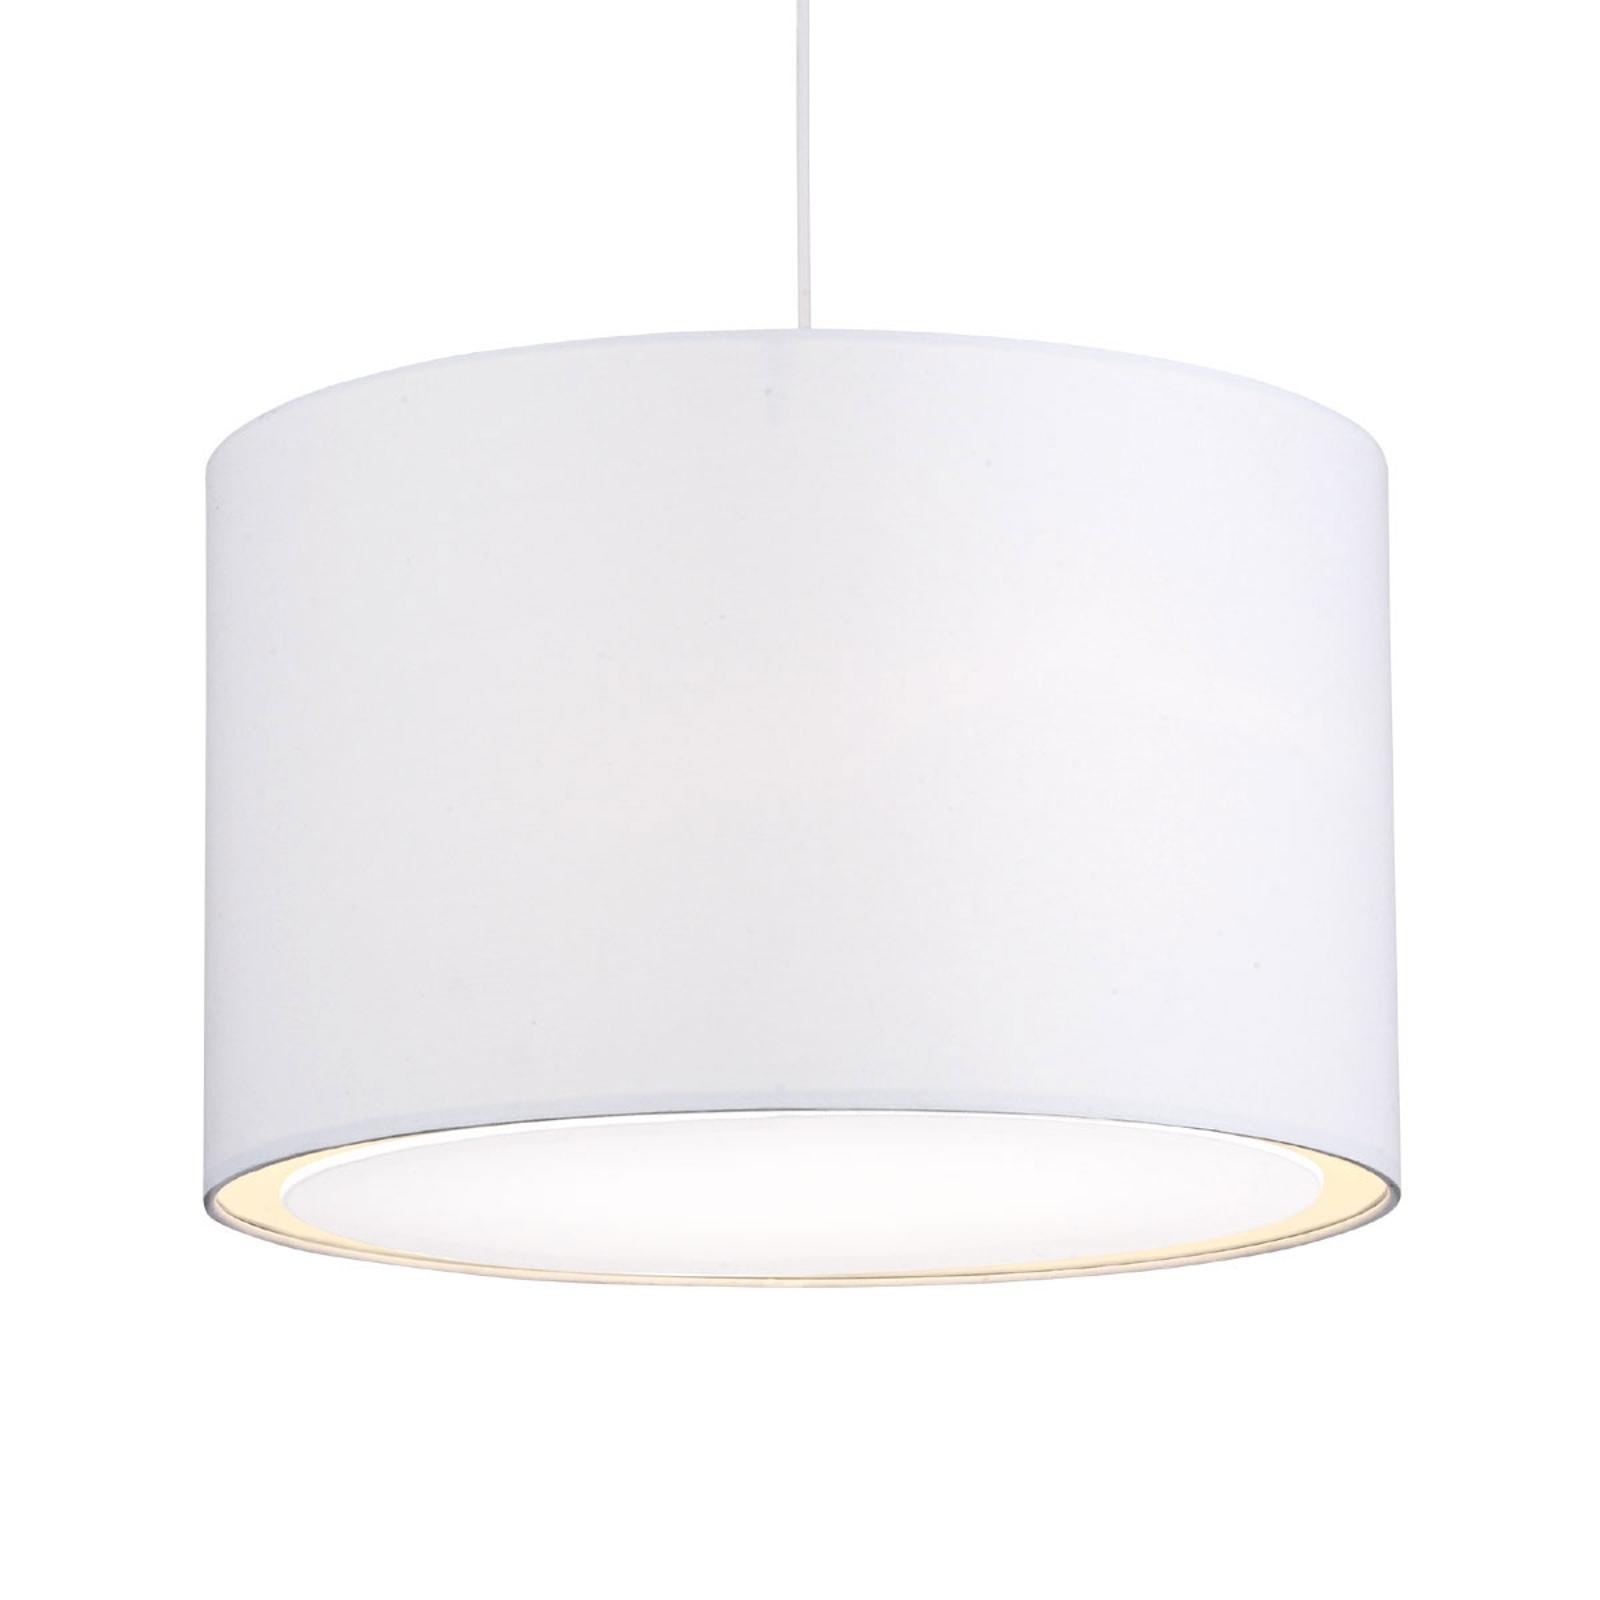 Klassiek-moderne hanglamp CLARIE, wit